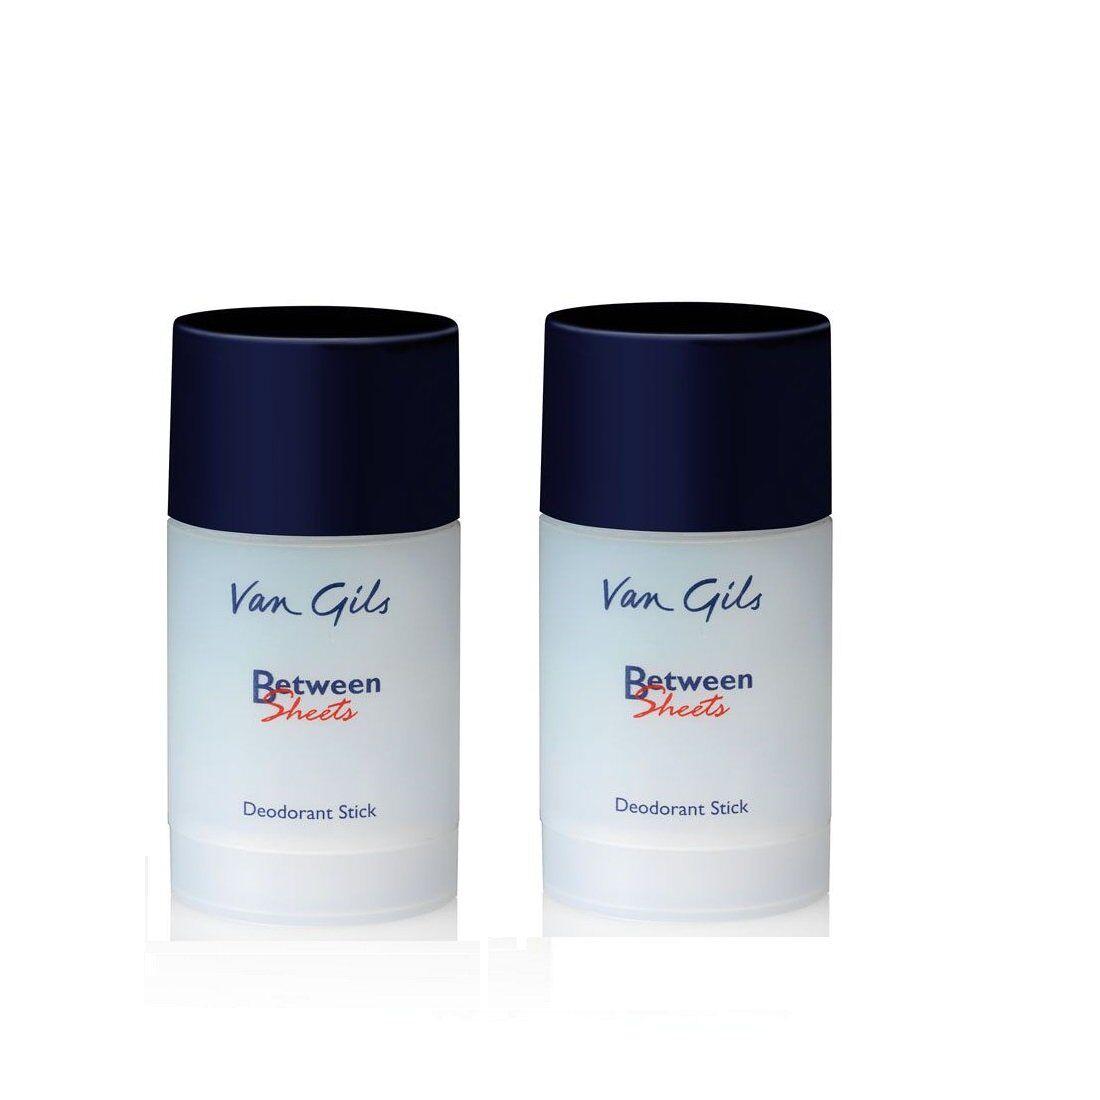 Van Gils 2x Between Sheets Deodorant Sticks